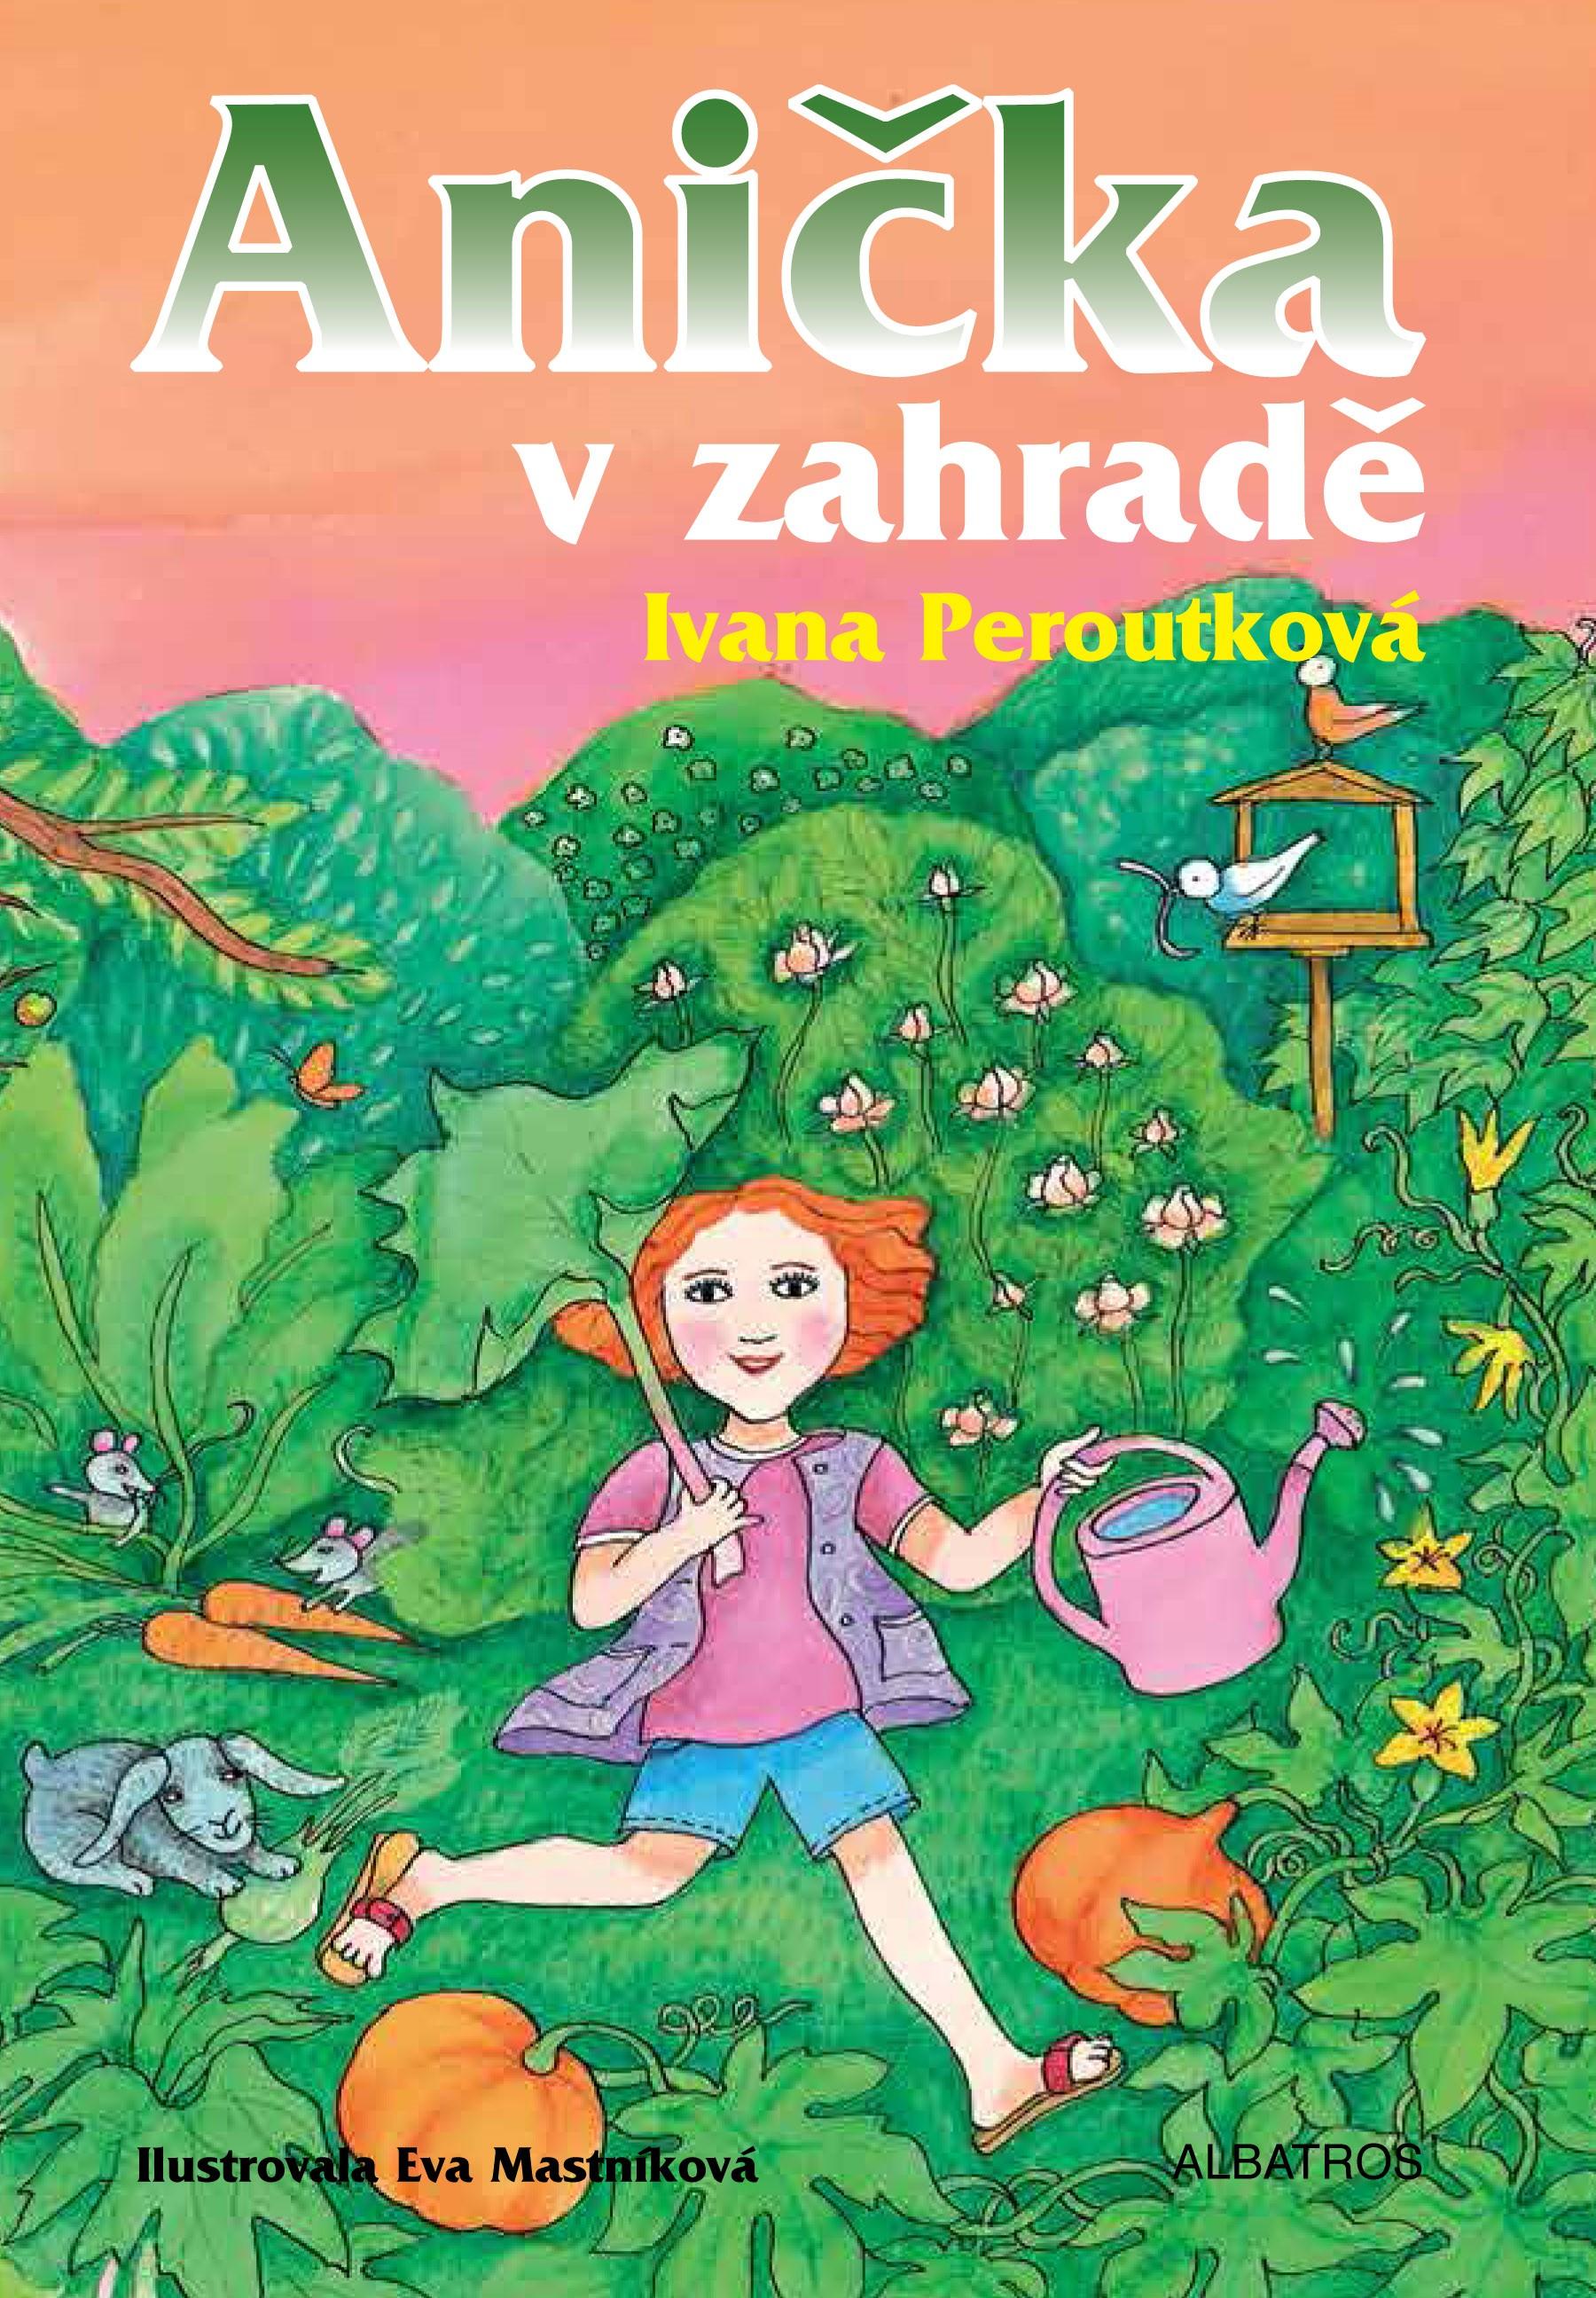 Anička v zahradě | Ivana Peroutková, Eva Mastníková